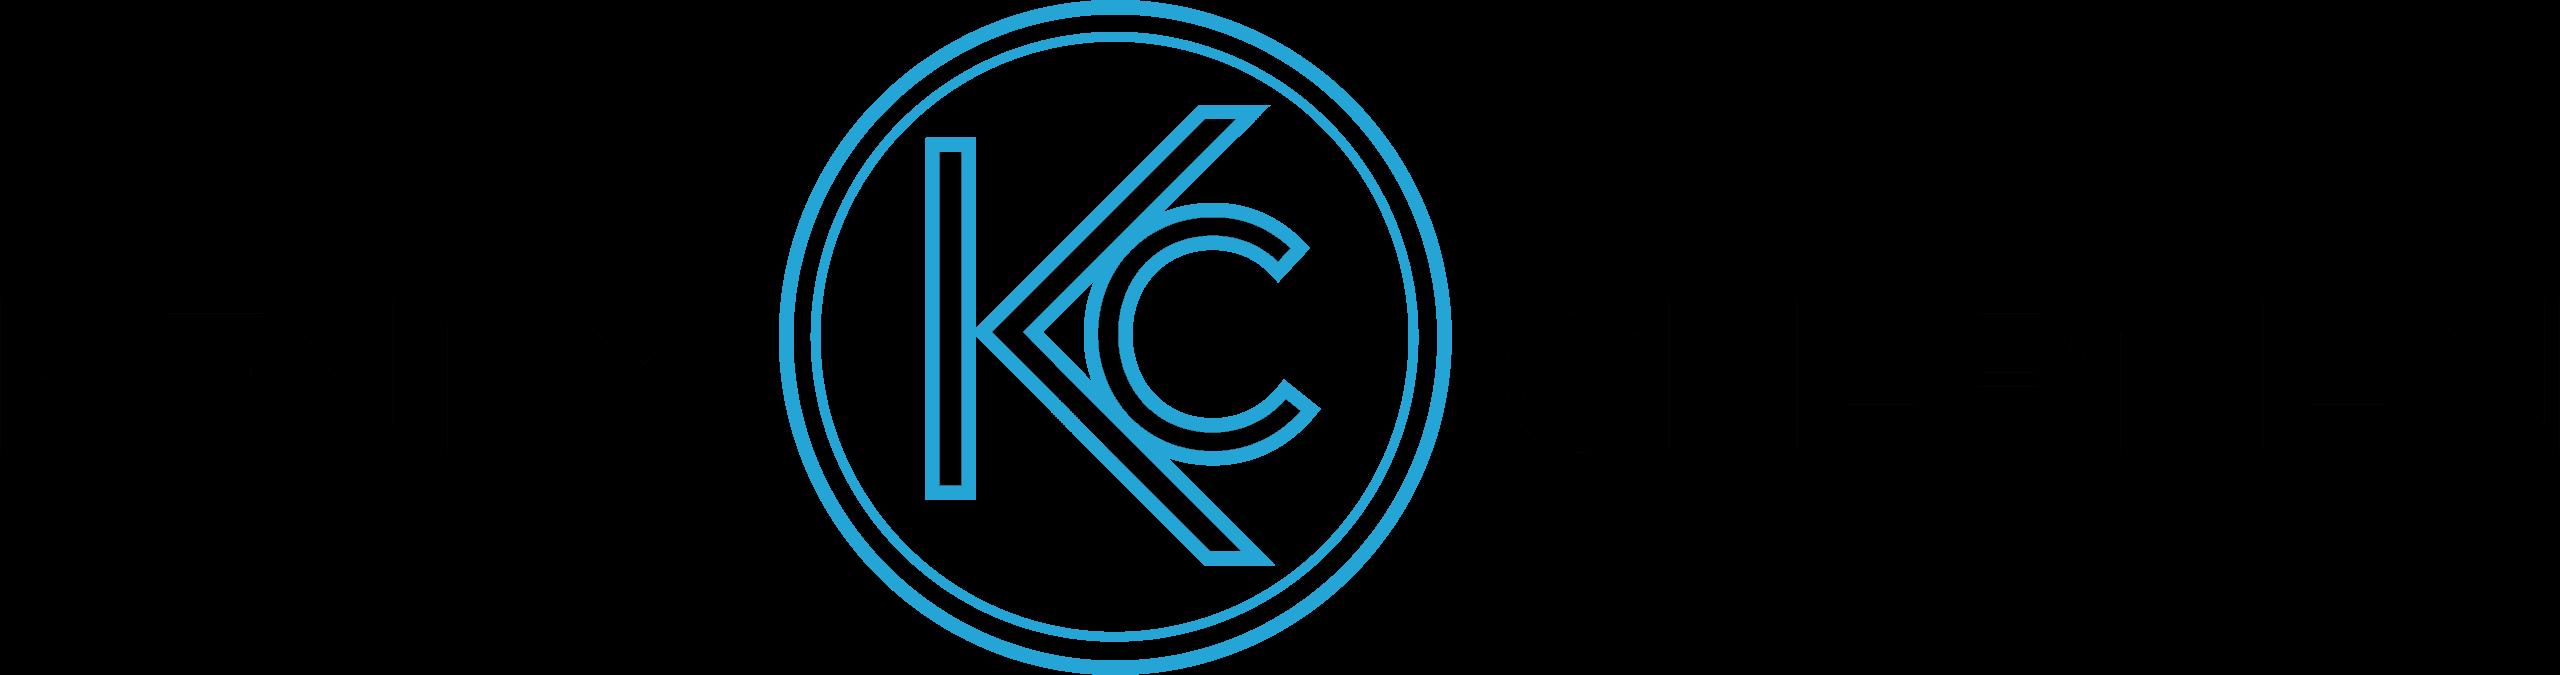 KennyChapman.com